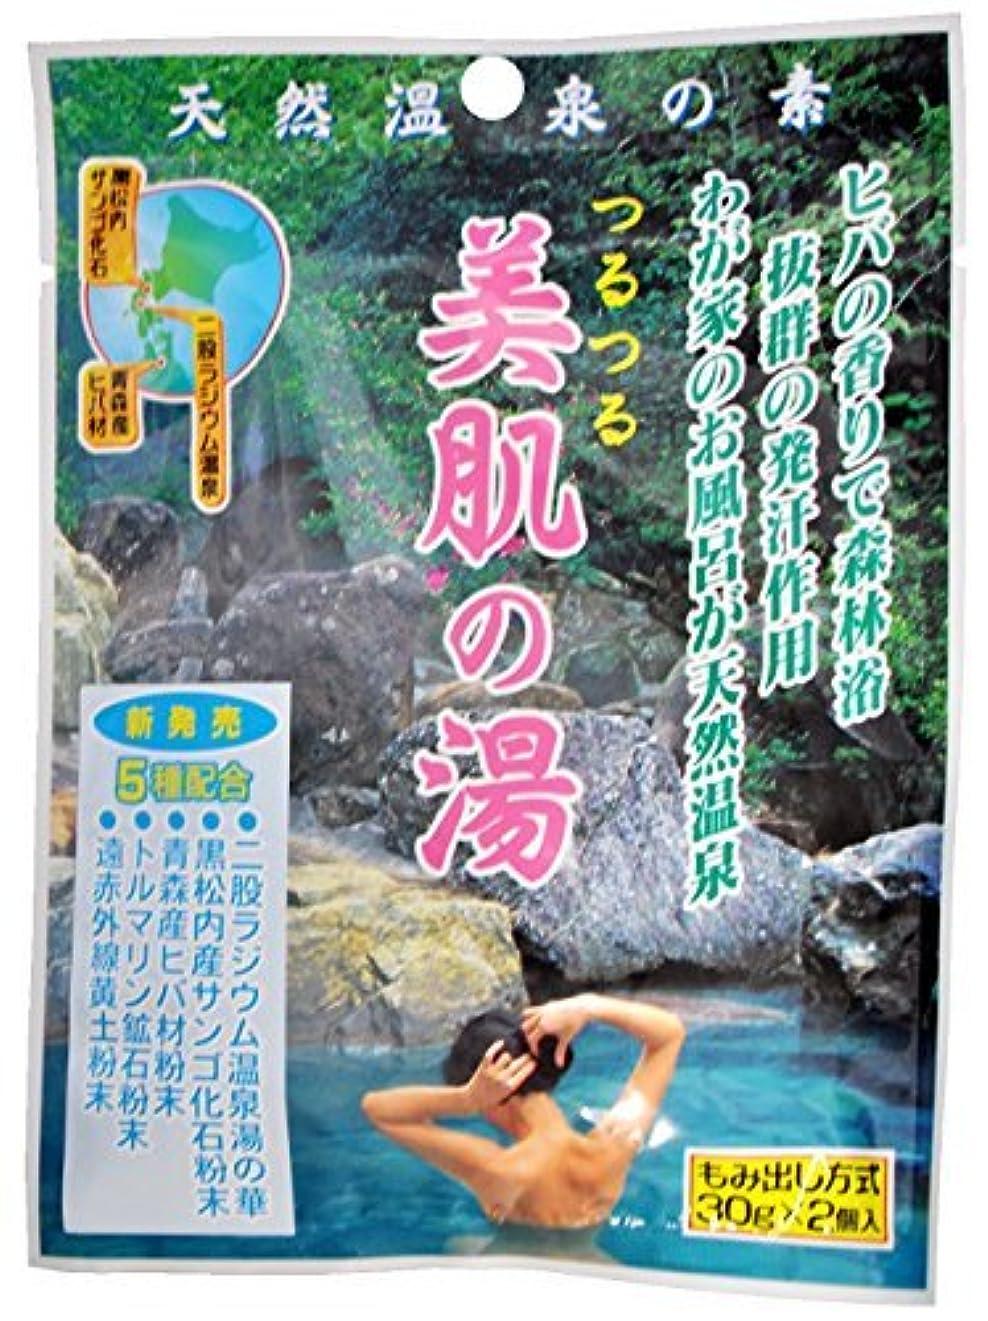 男らしさ友だちあいまいさ【まとめ買い】天然成分入浴剤 つるつる 美肌の湯 2袋入 二股ラジウム温泉の湯の華 ×15個